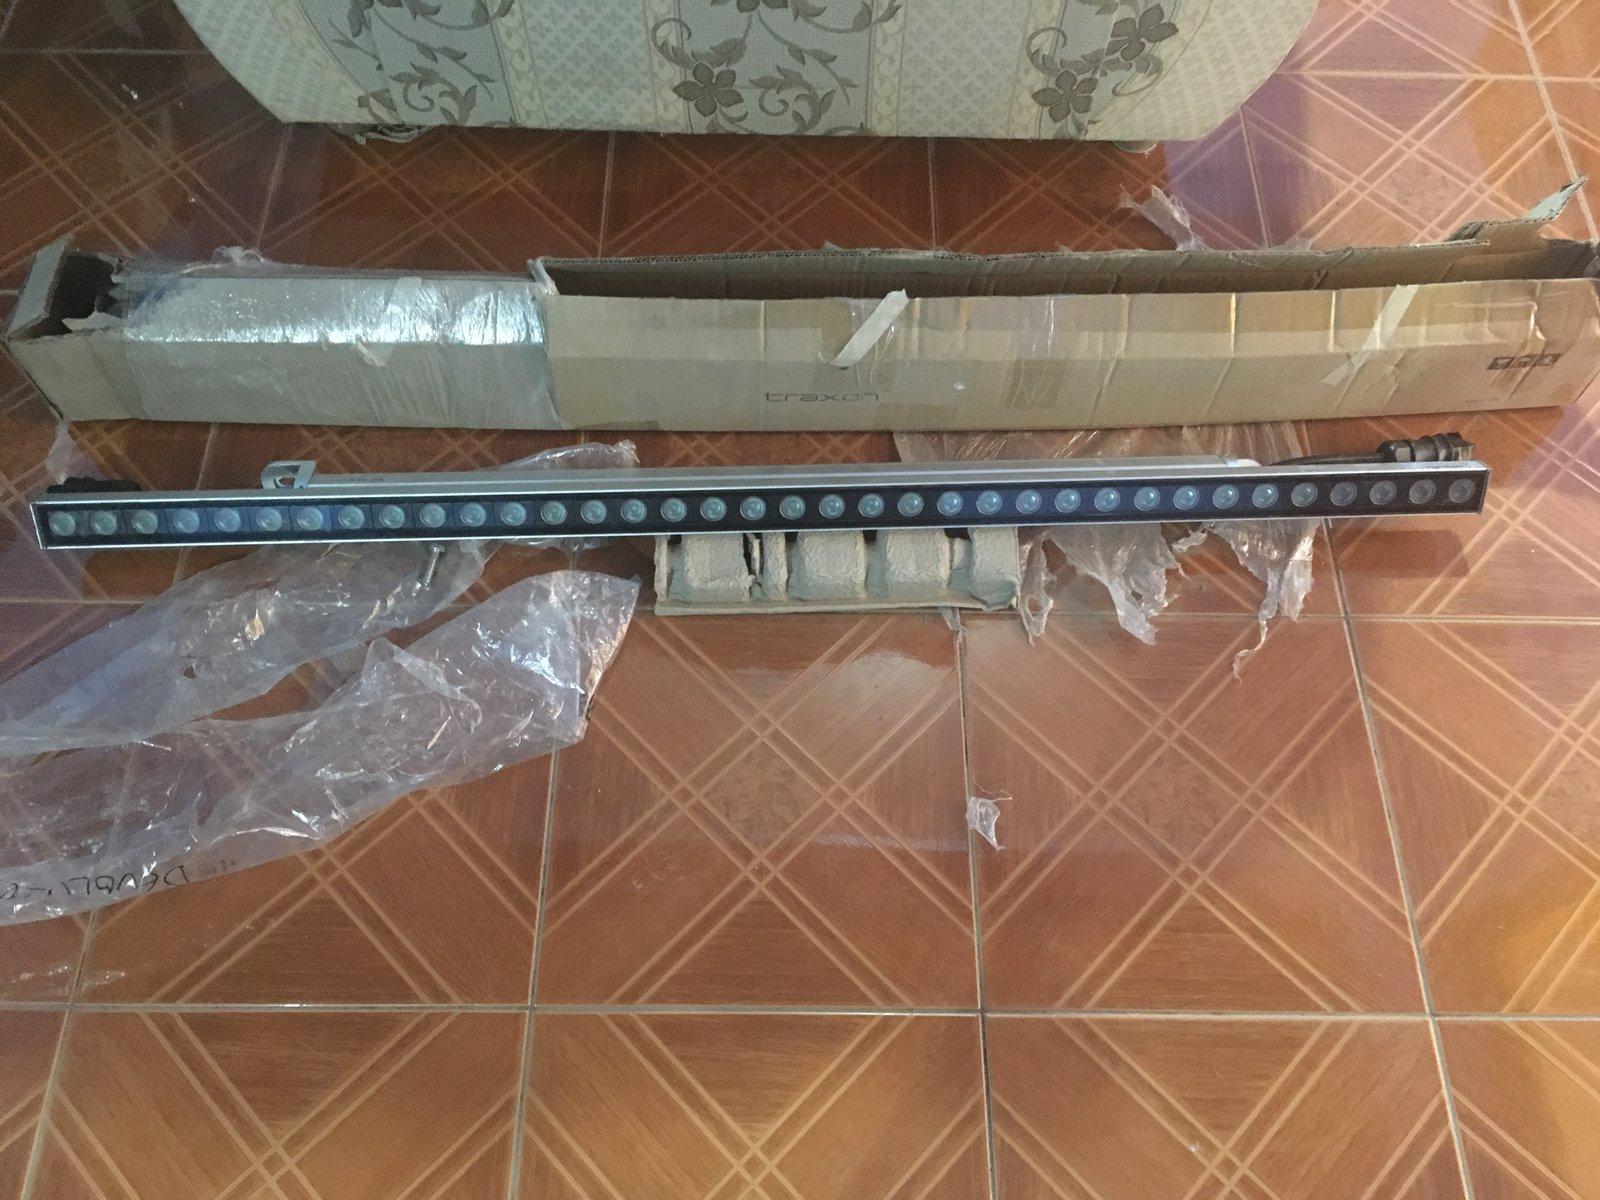 37EF61F8-D83F-437D-8BDF-102578F82852.